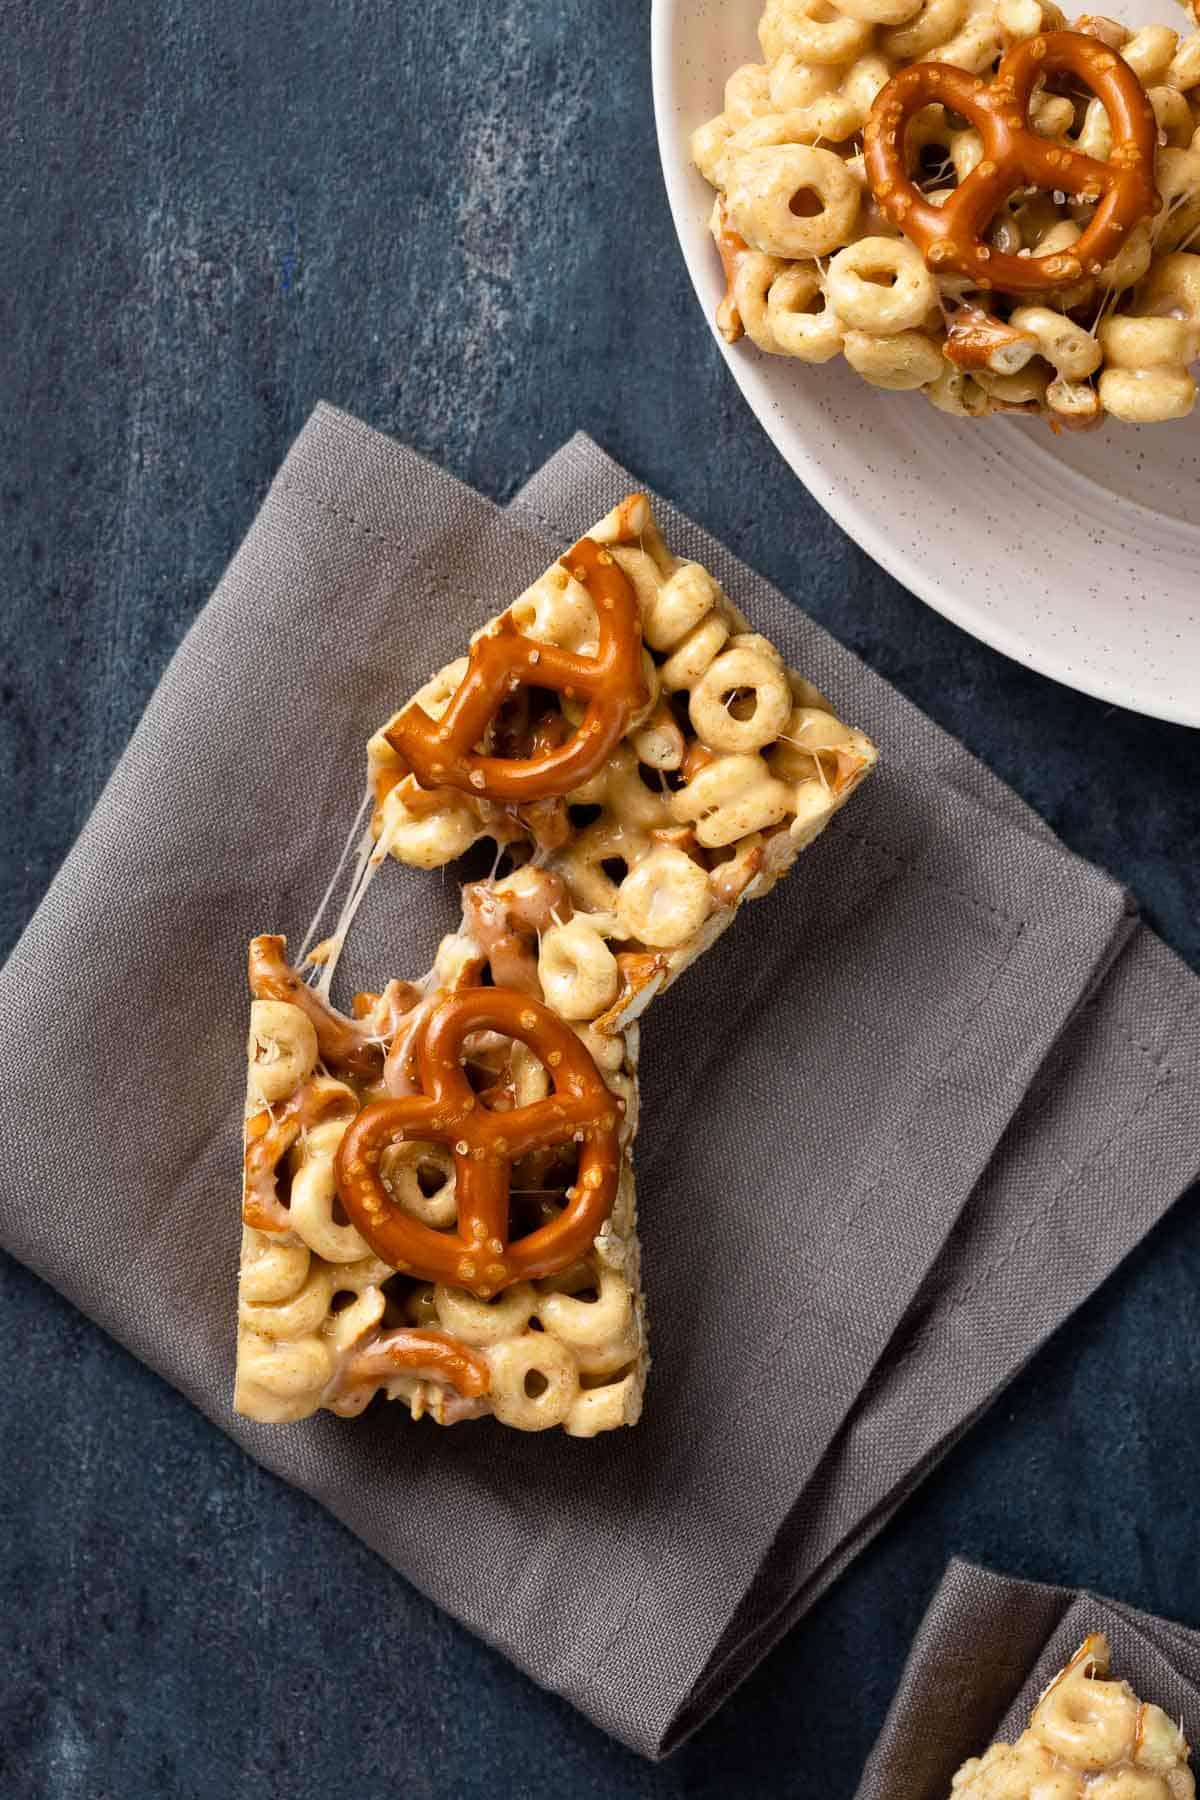 Cereal and pretzel bar torn in half on a black napkin